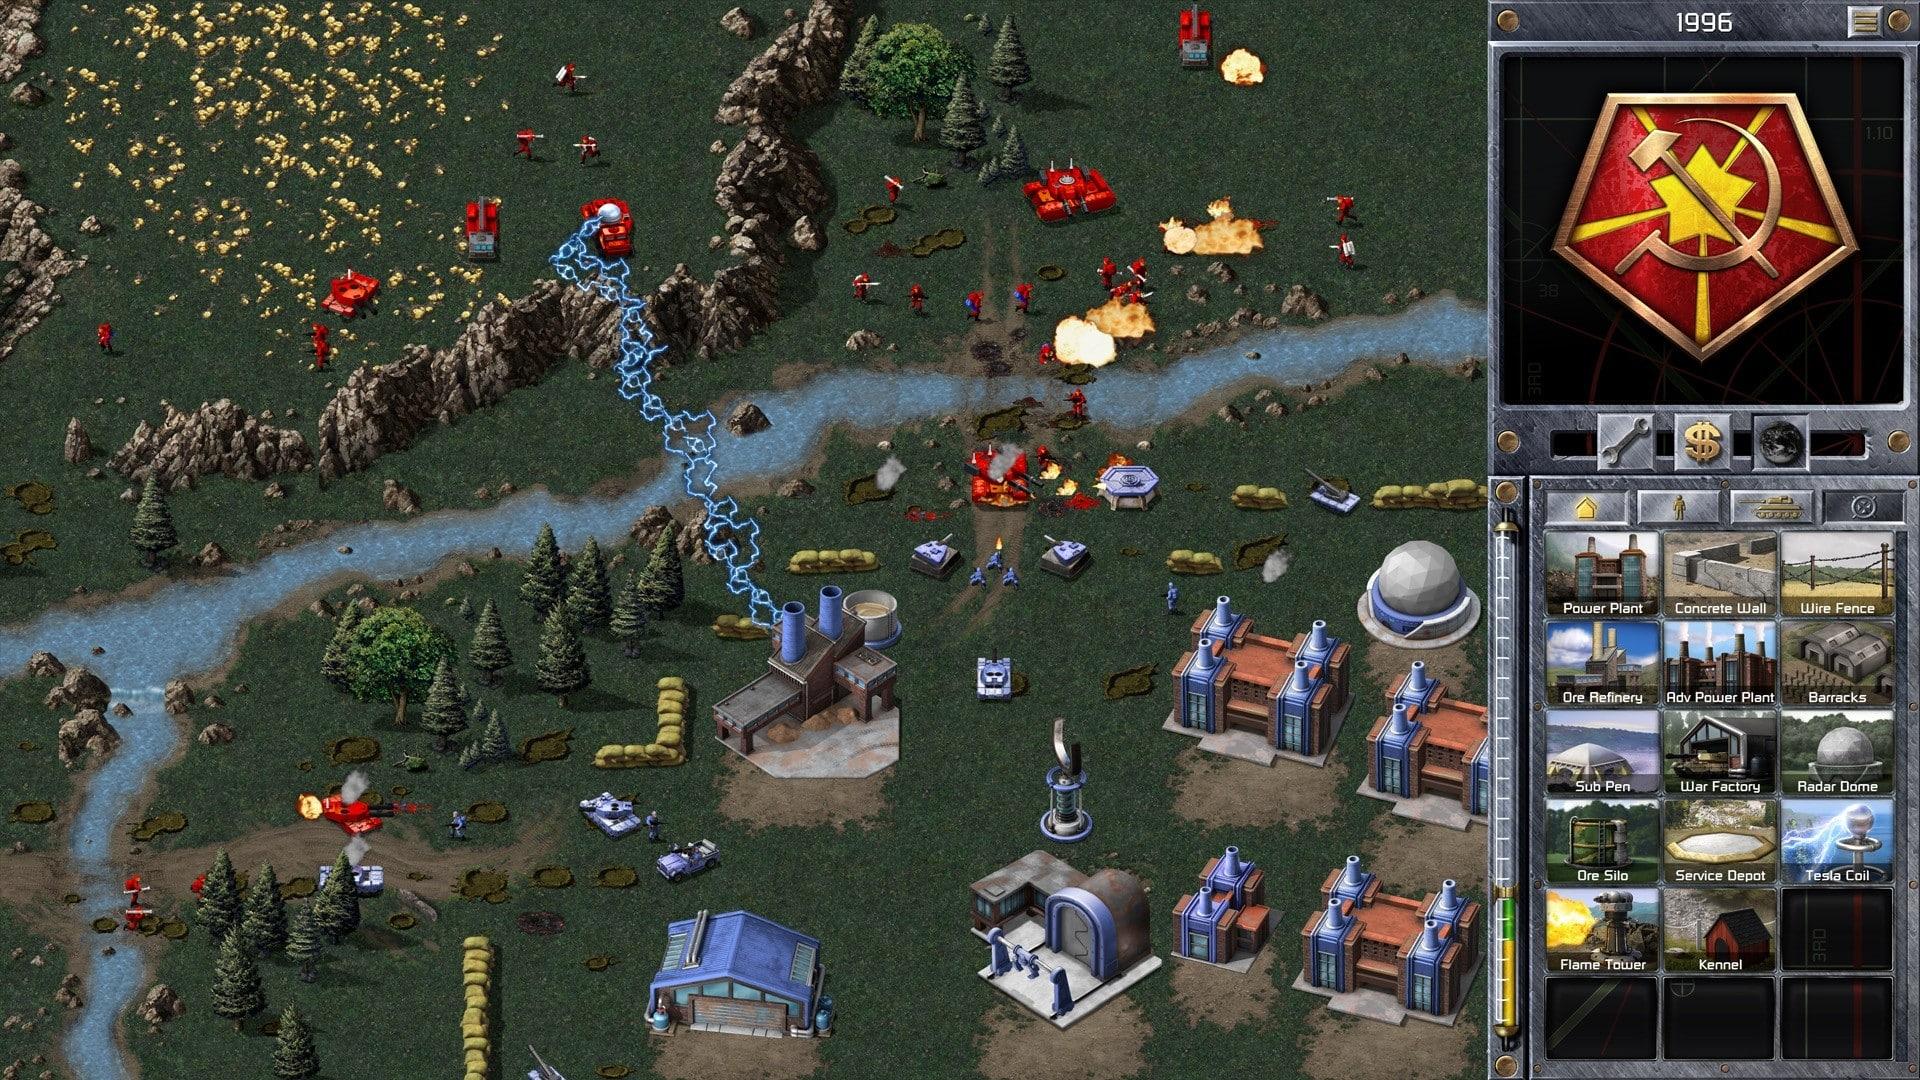 Command and Conquer Remastered: Regressa do passado com uma nova versão atualizada